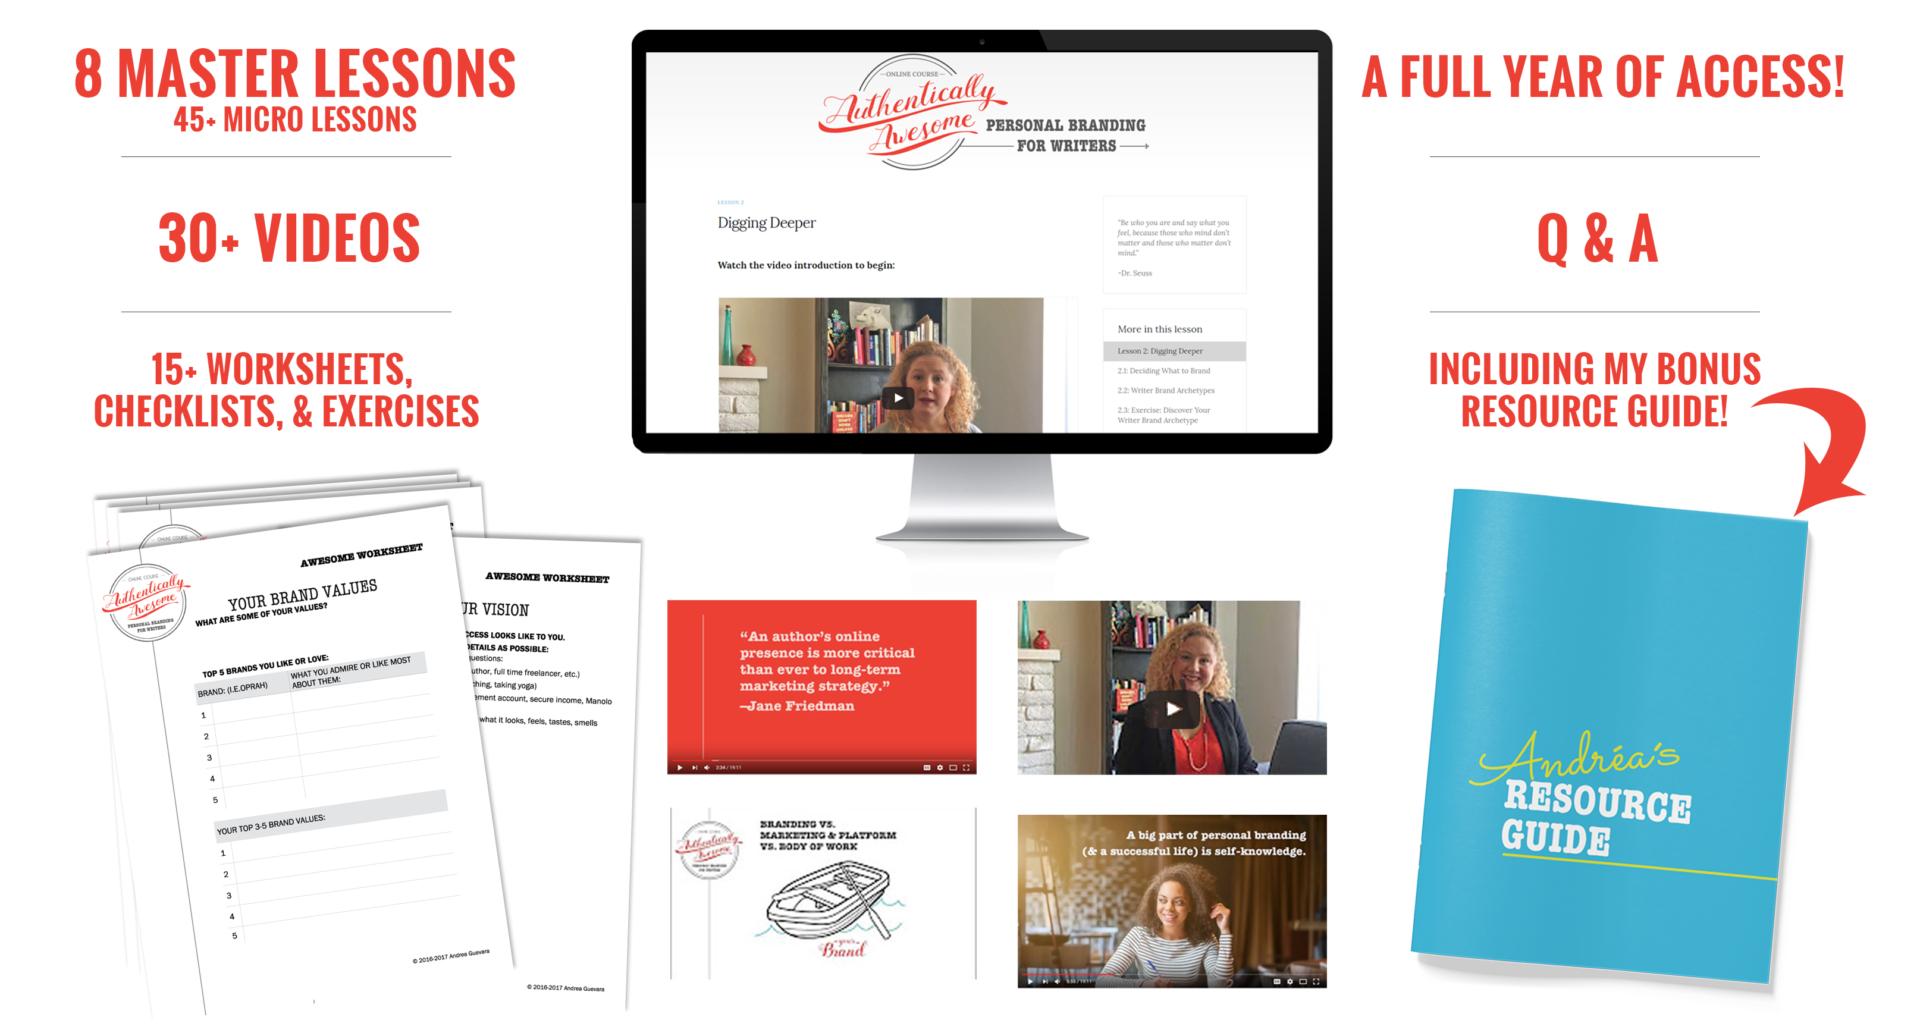 Personal Branding Worksheet